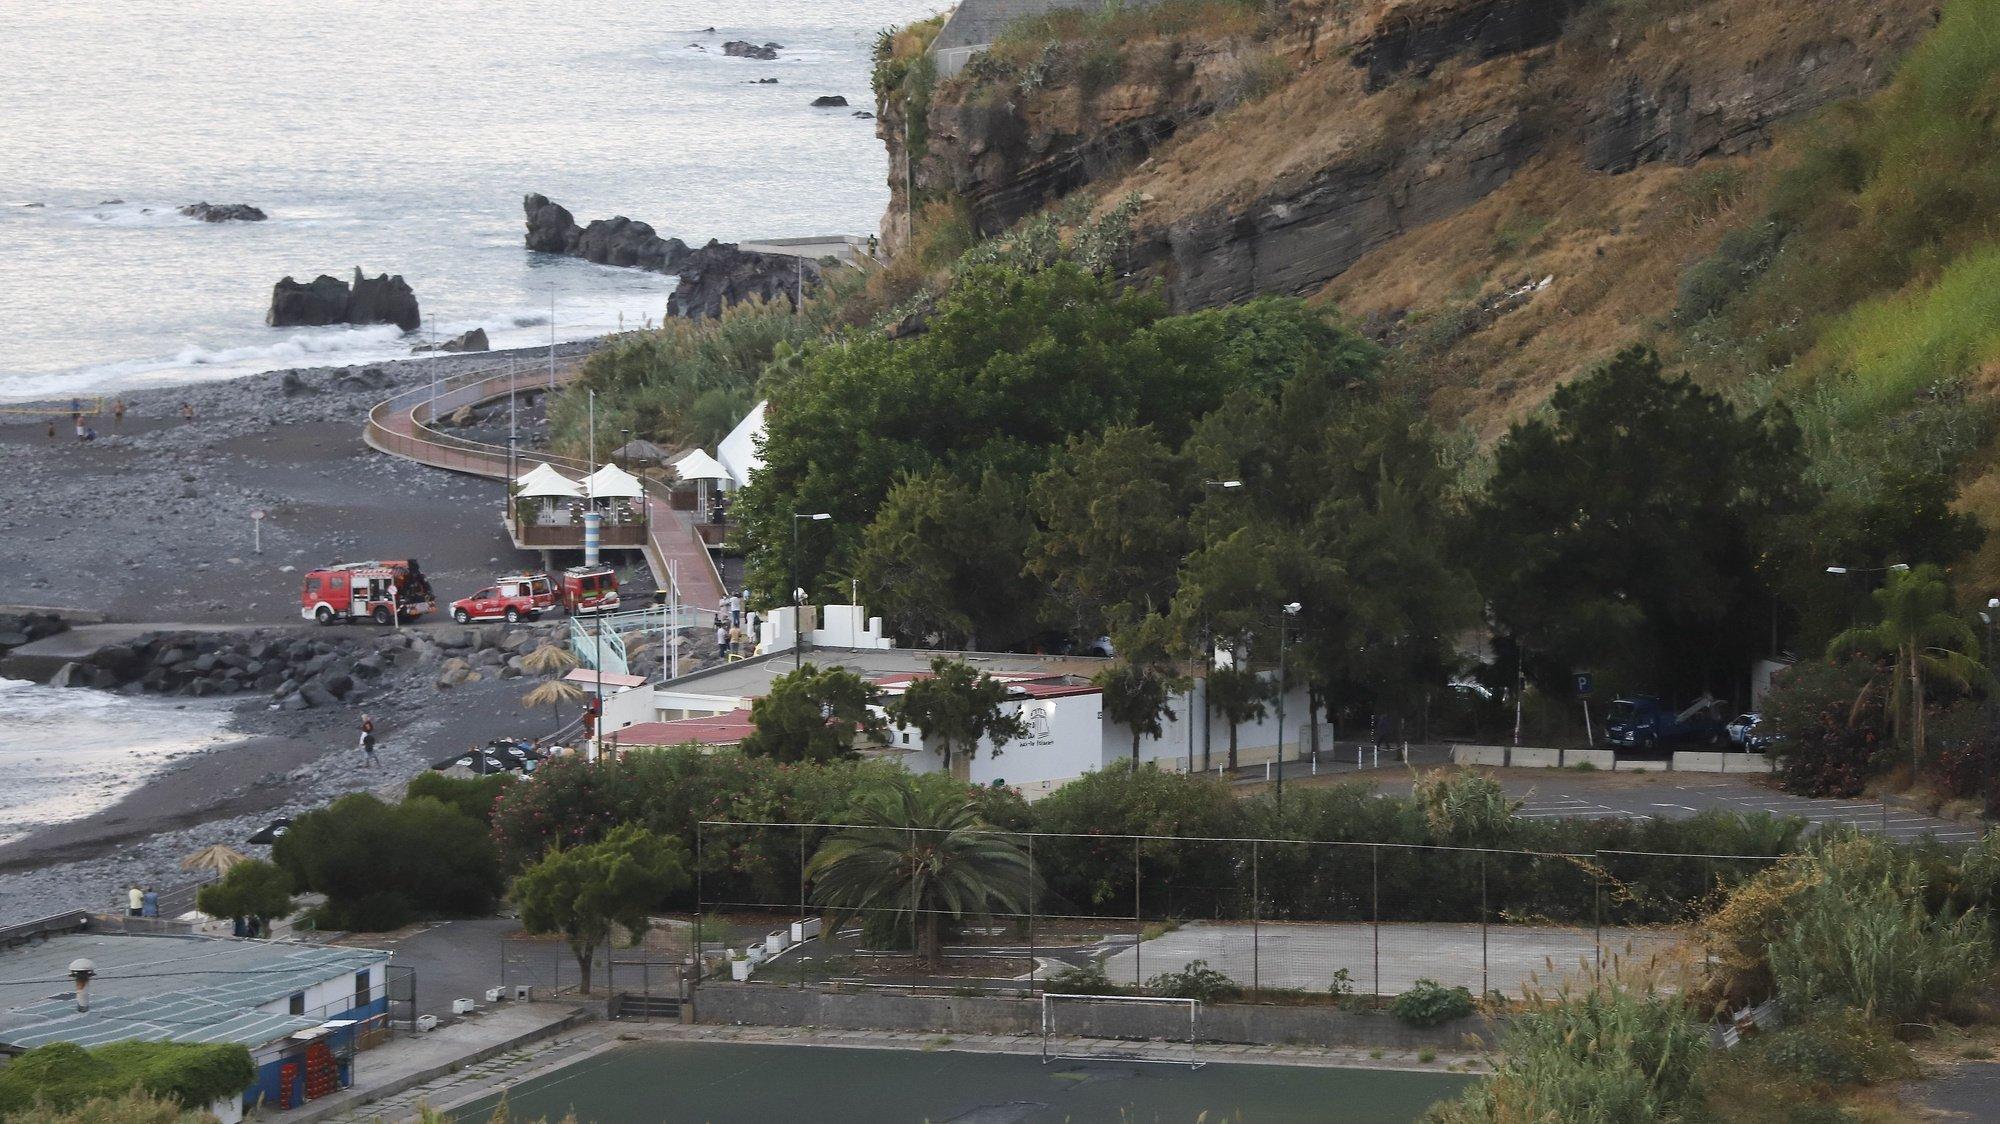 Derrocada de grande dimensão que ocorreu hoje na Praia Formosa, na zona da Praia do Arieiro, atingindo a 'promenade', sem provocar vítimas, no Funchal, ilha da Madeira, 26 de setembro de 2021. HOMEM DE GOUVEIA/LUSA